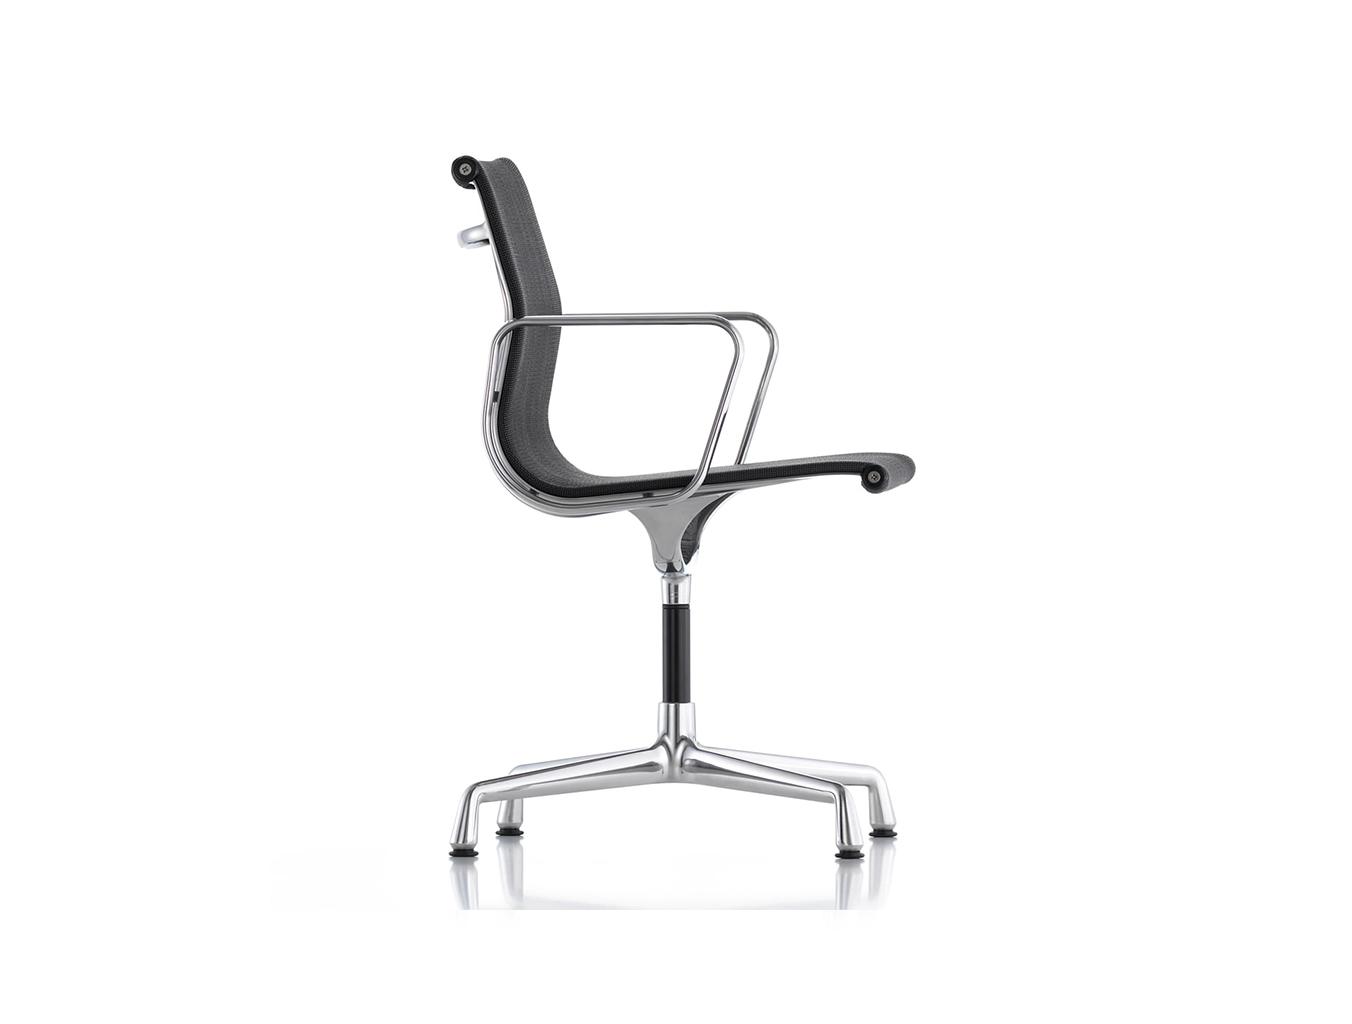 办公椅|会议椅|创意家具|现代家居|时尚家具|设计师家具|定制家具|实木家具|EA 104 会议椅